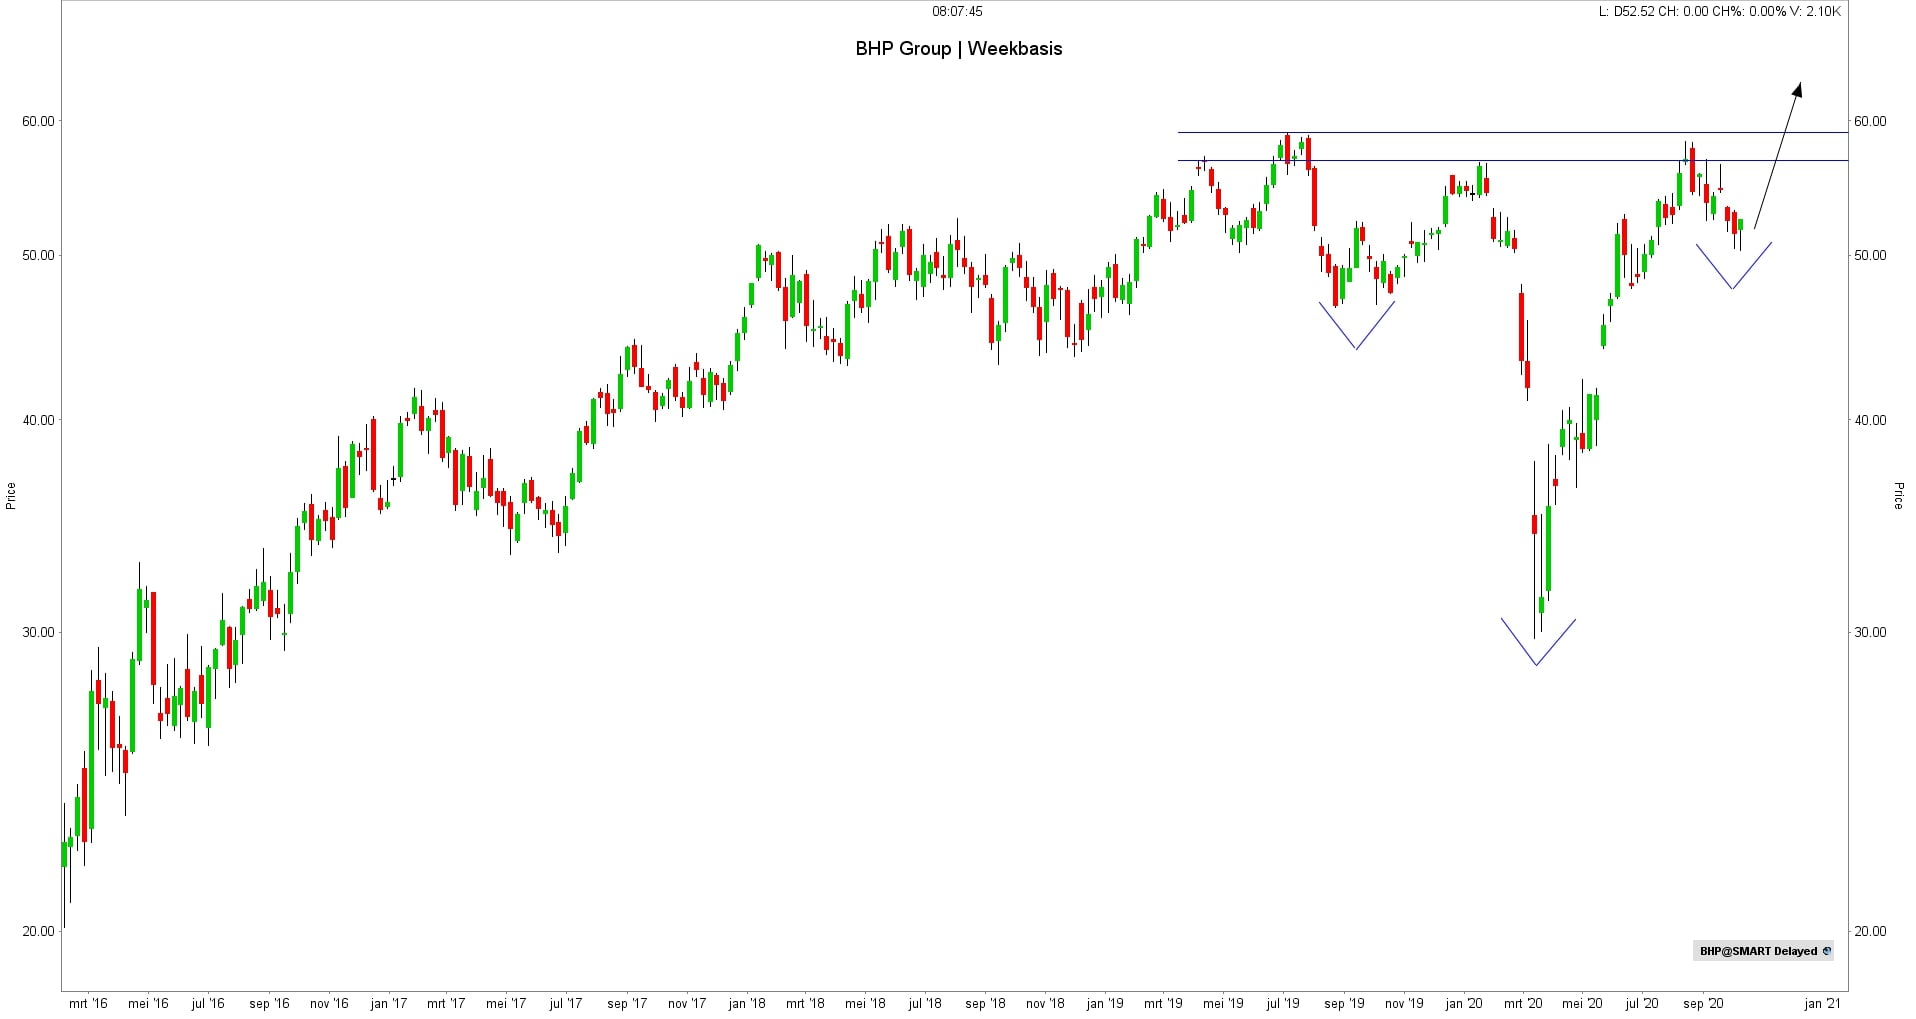 Koers aandeel BHP Group | Beste koper aandelen